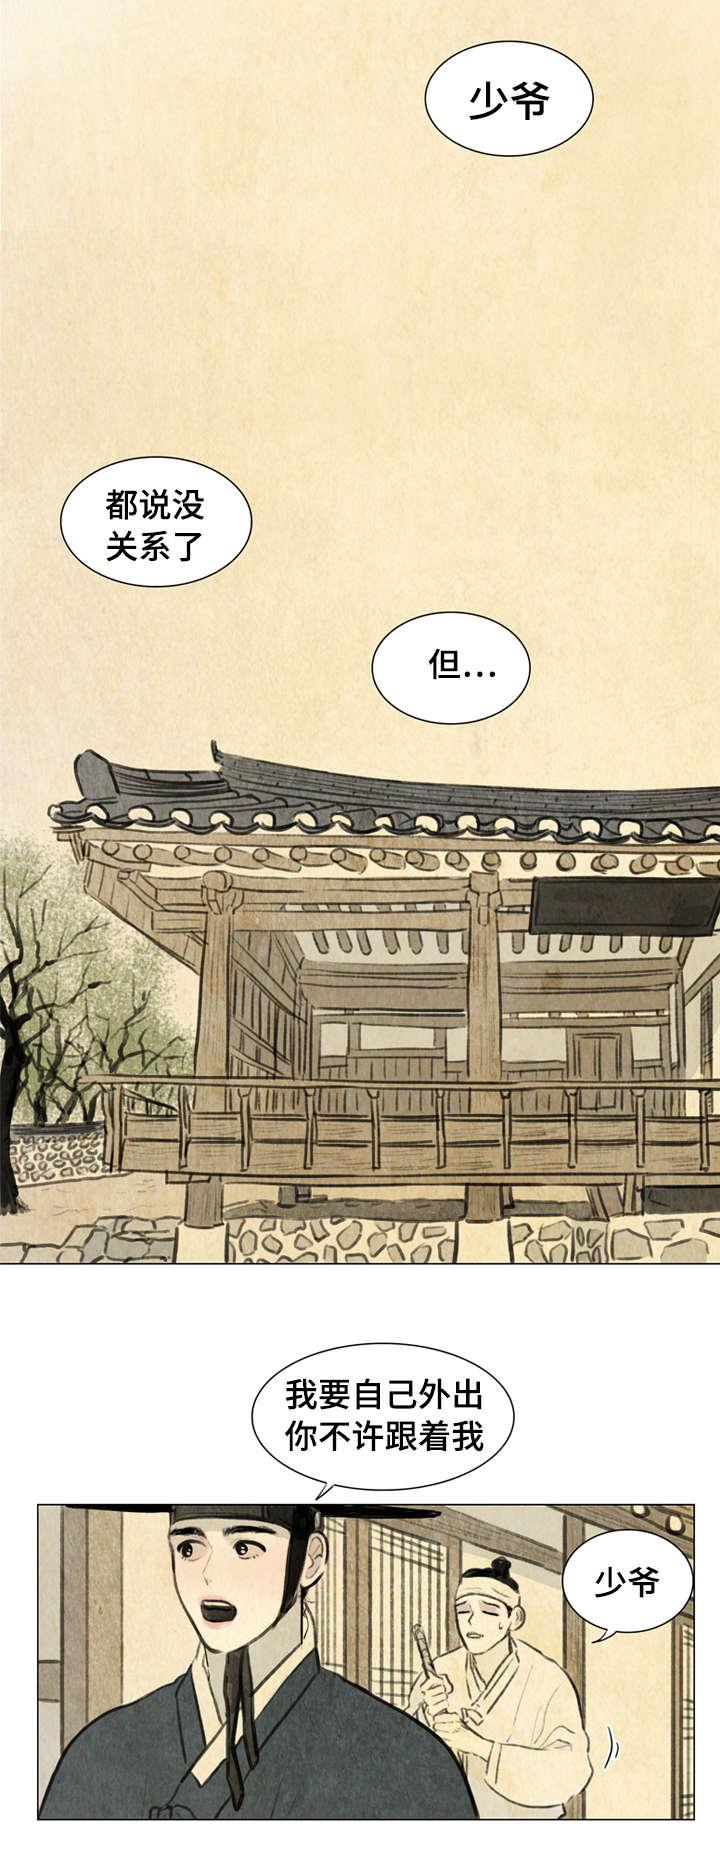 《夜惊梦魇》-(完整版漫画)-(全文免费阅读)